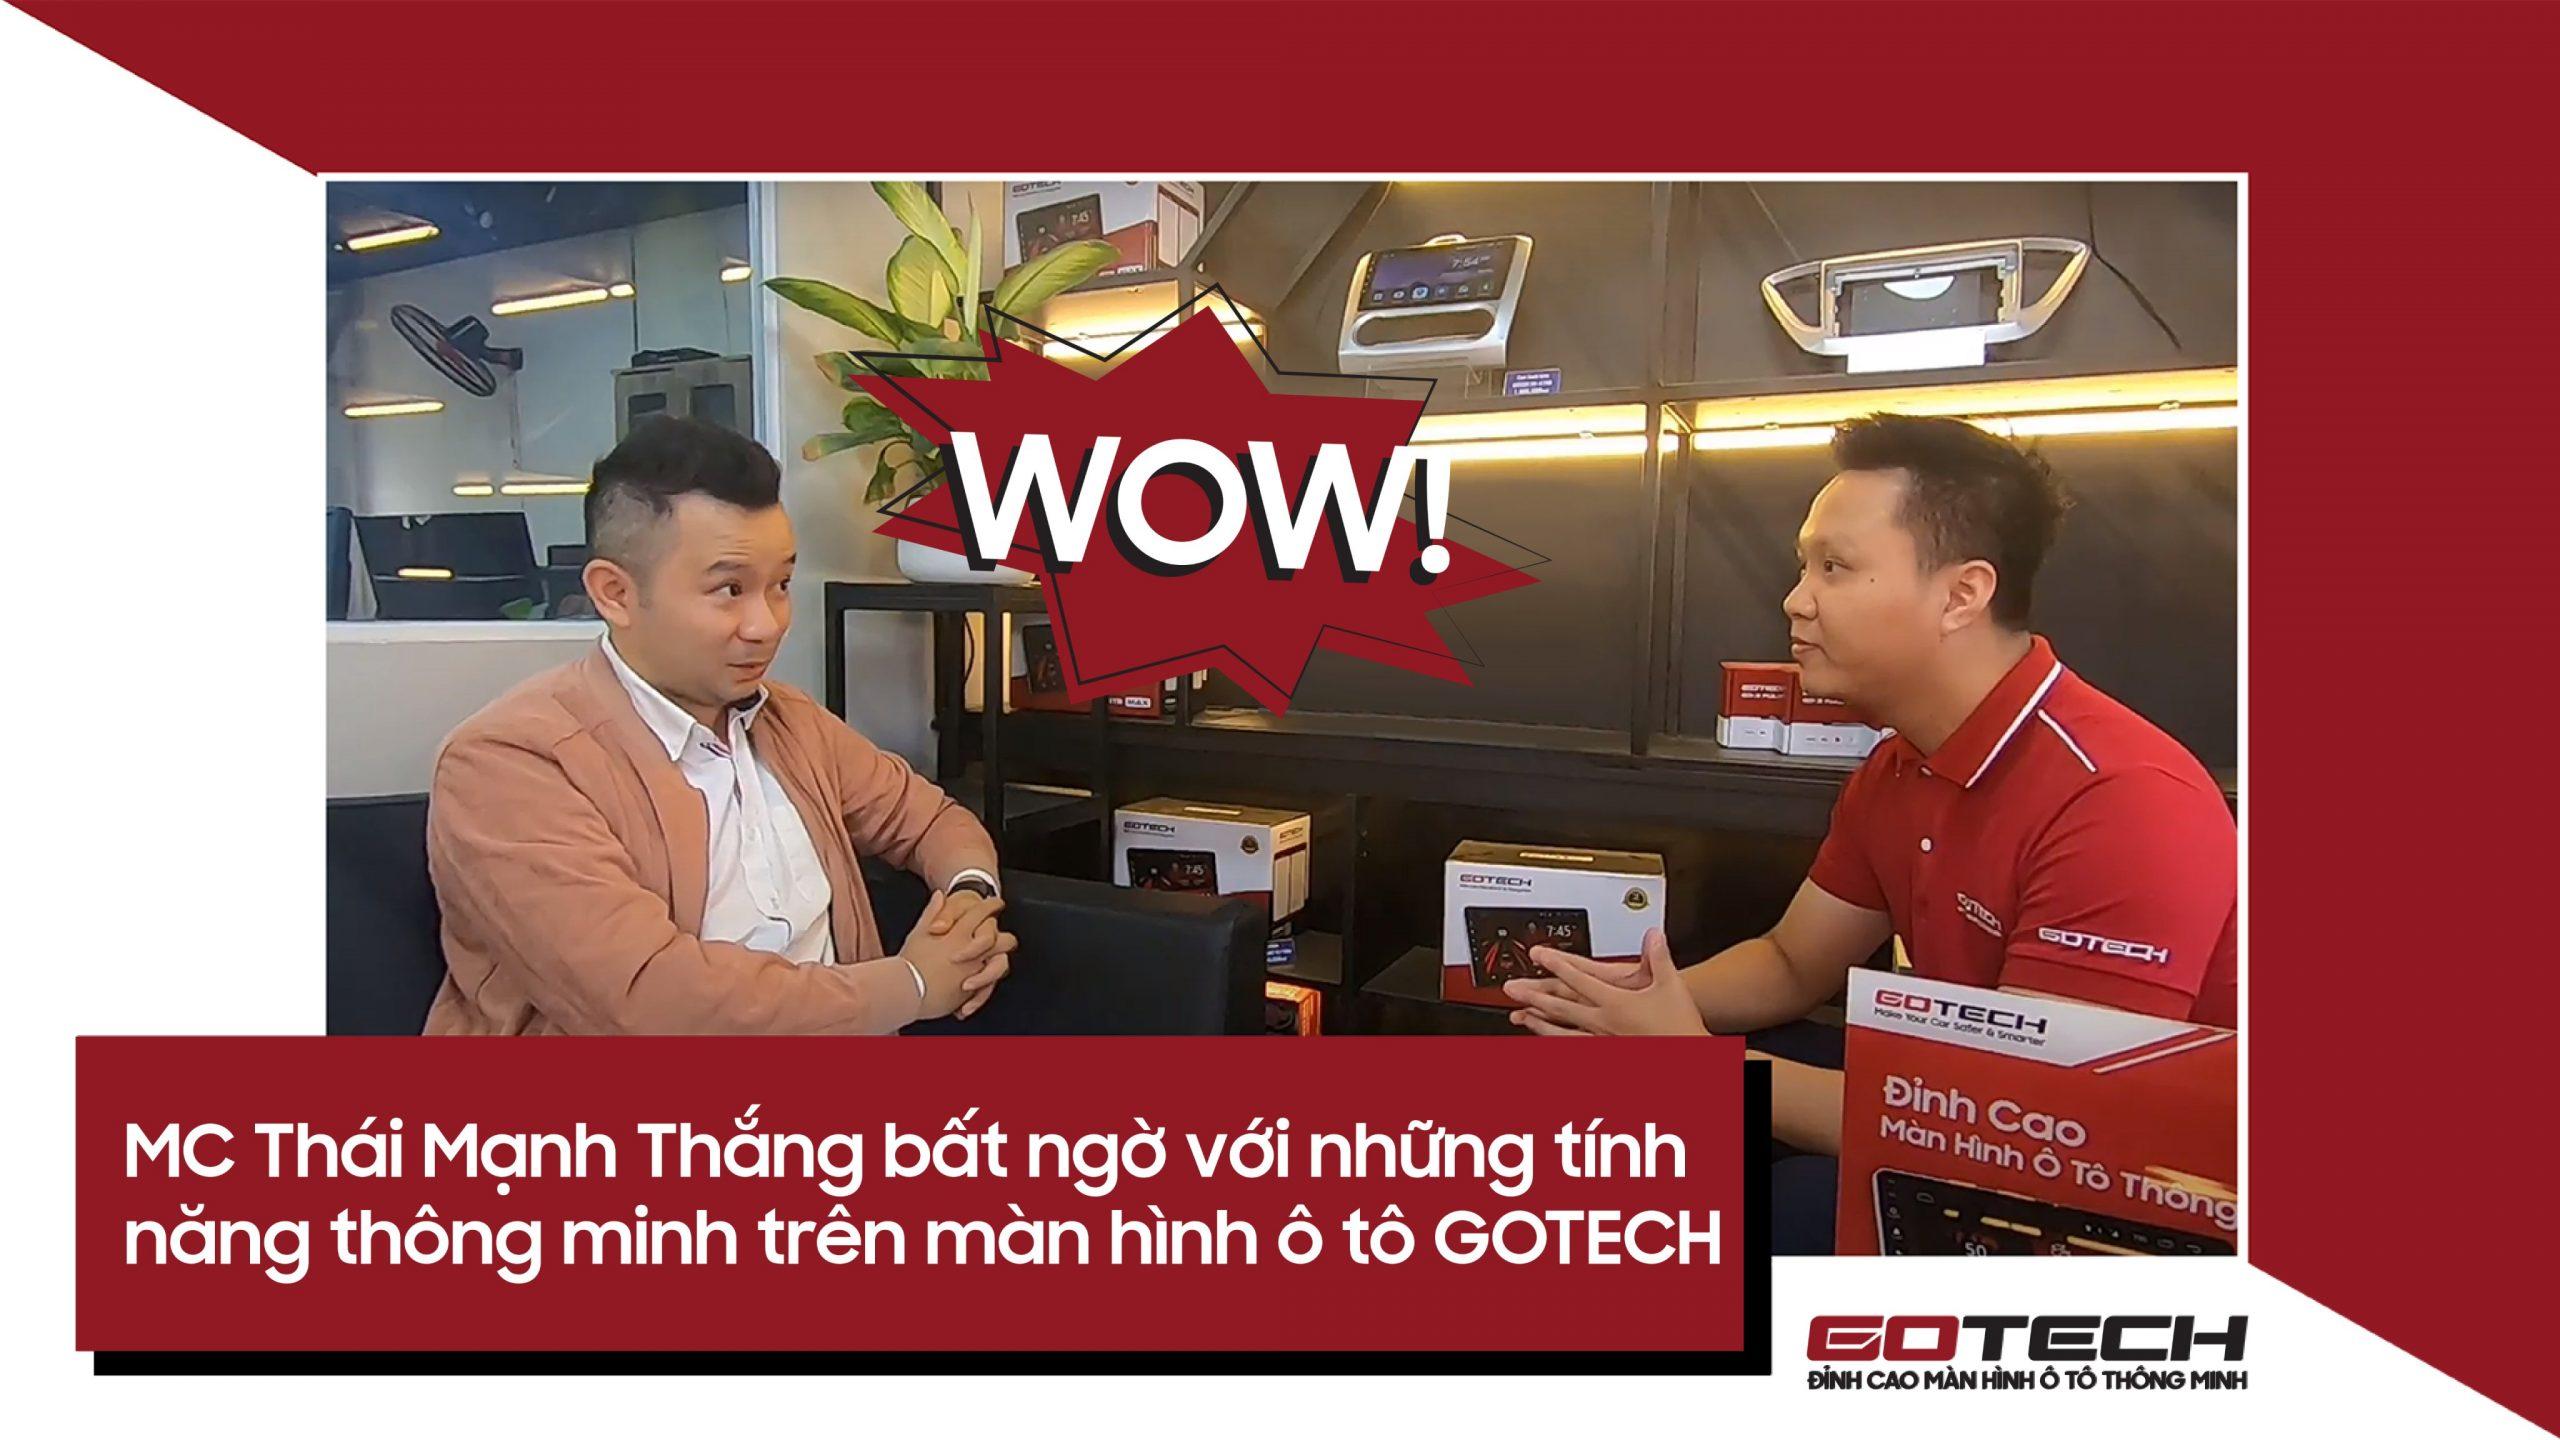 MC Thái Mạnh Thắng bất ngờ với loạt tính năng của màn hình ô tô thông minh GOTECH